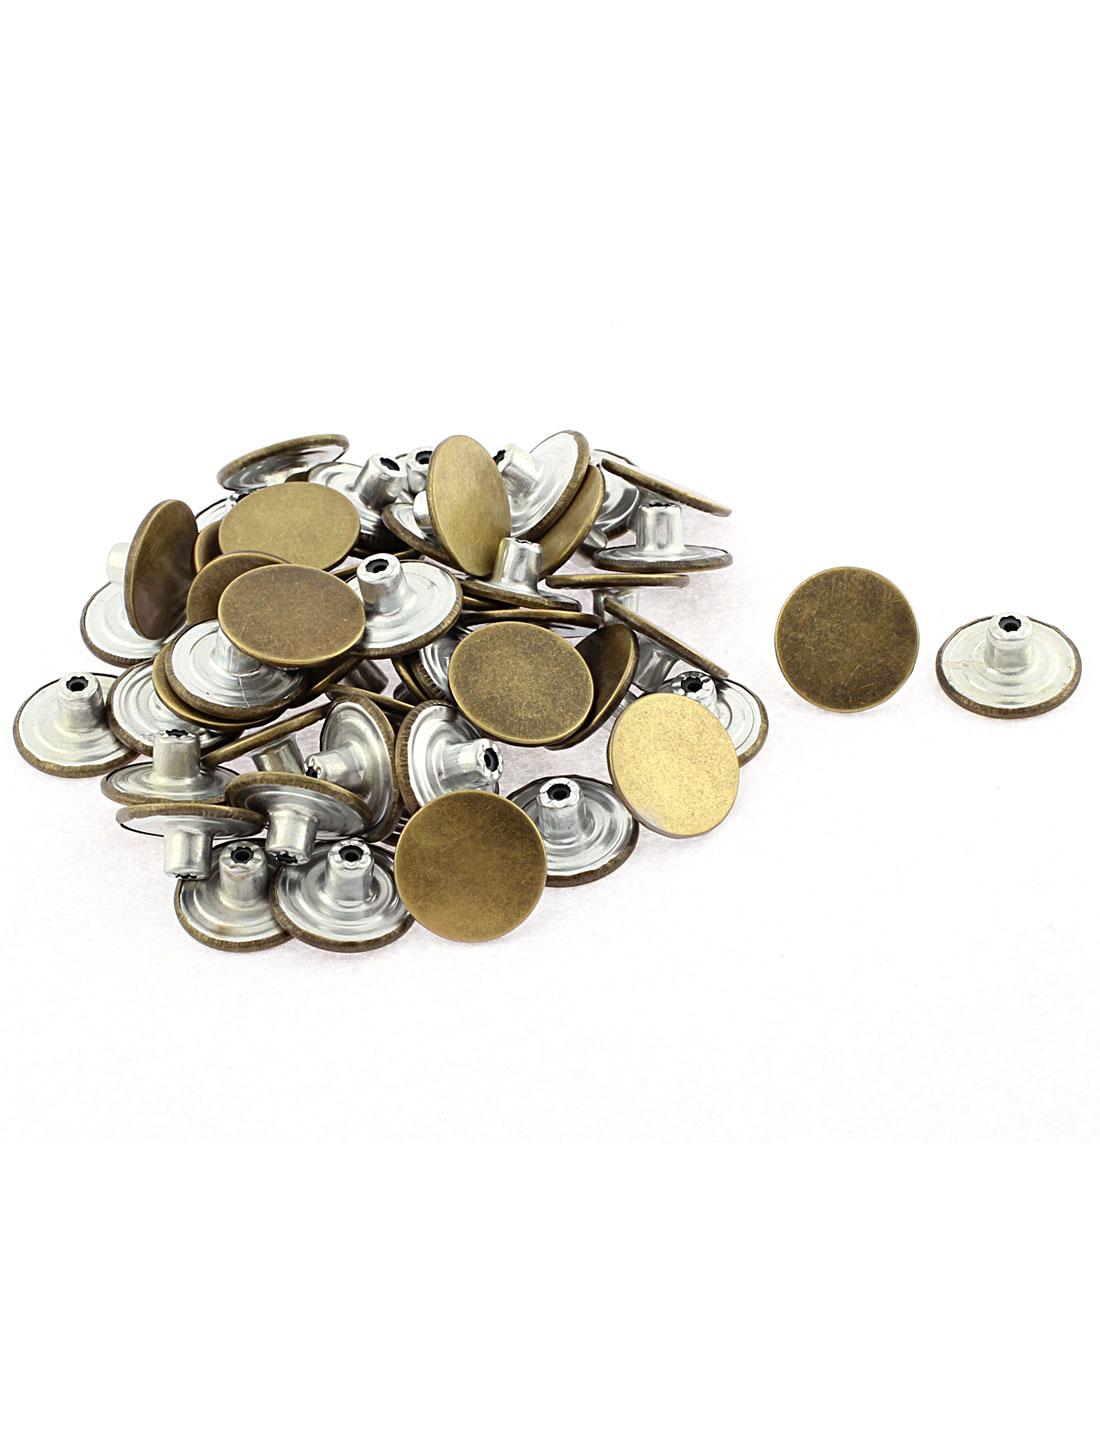 50 Pcs Denim Jacket Jeans Trousers Sew Tack Buttons 2cm Dia Bronze Tone